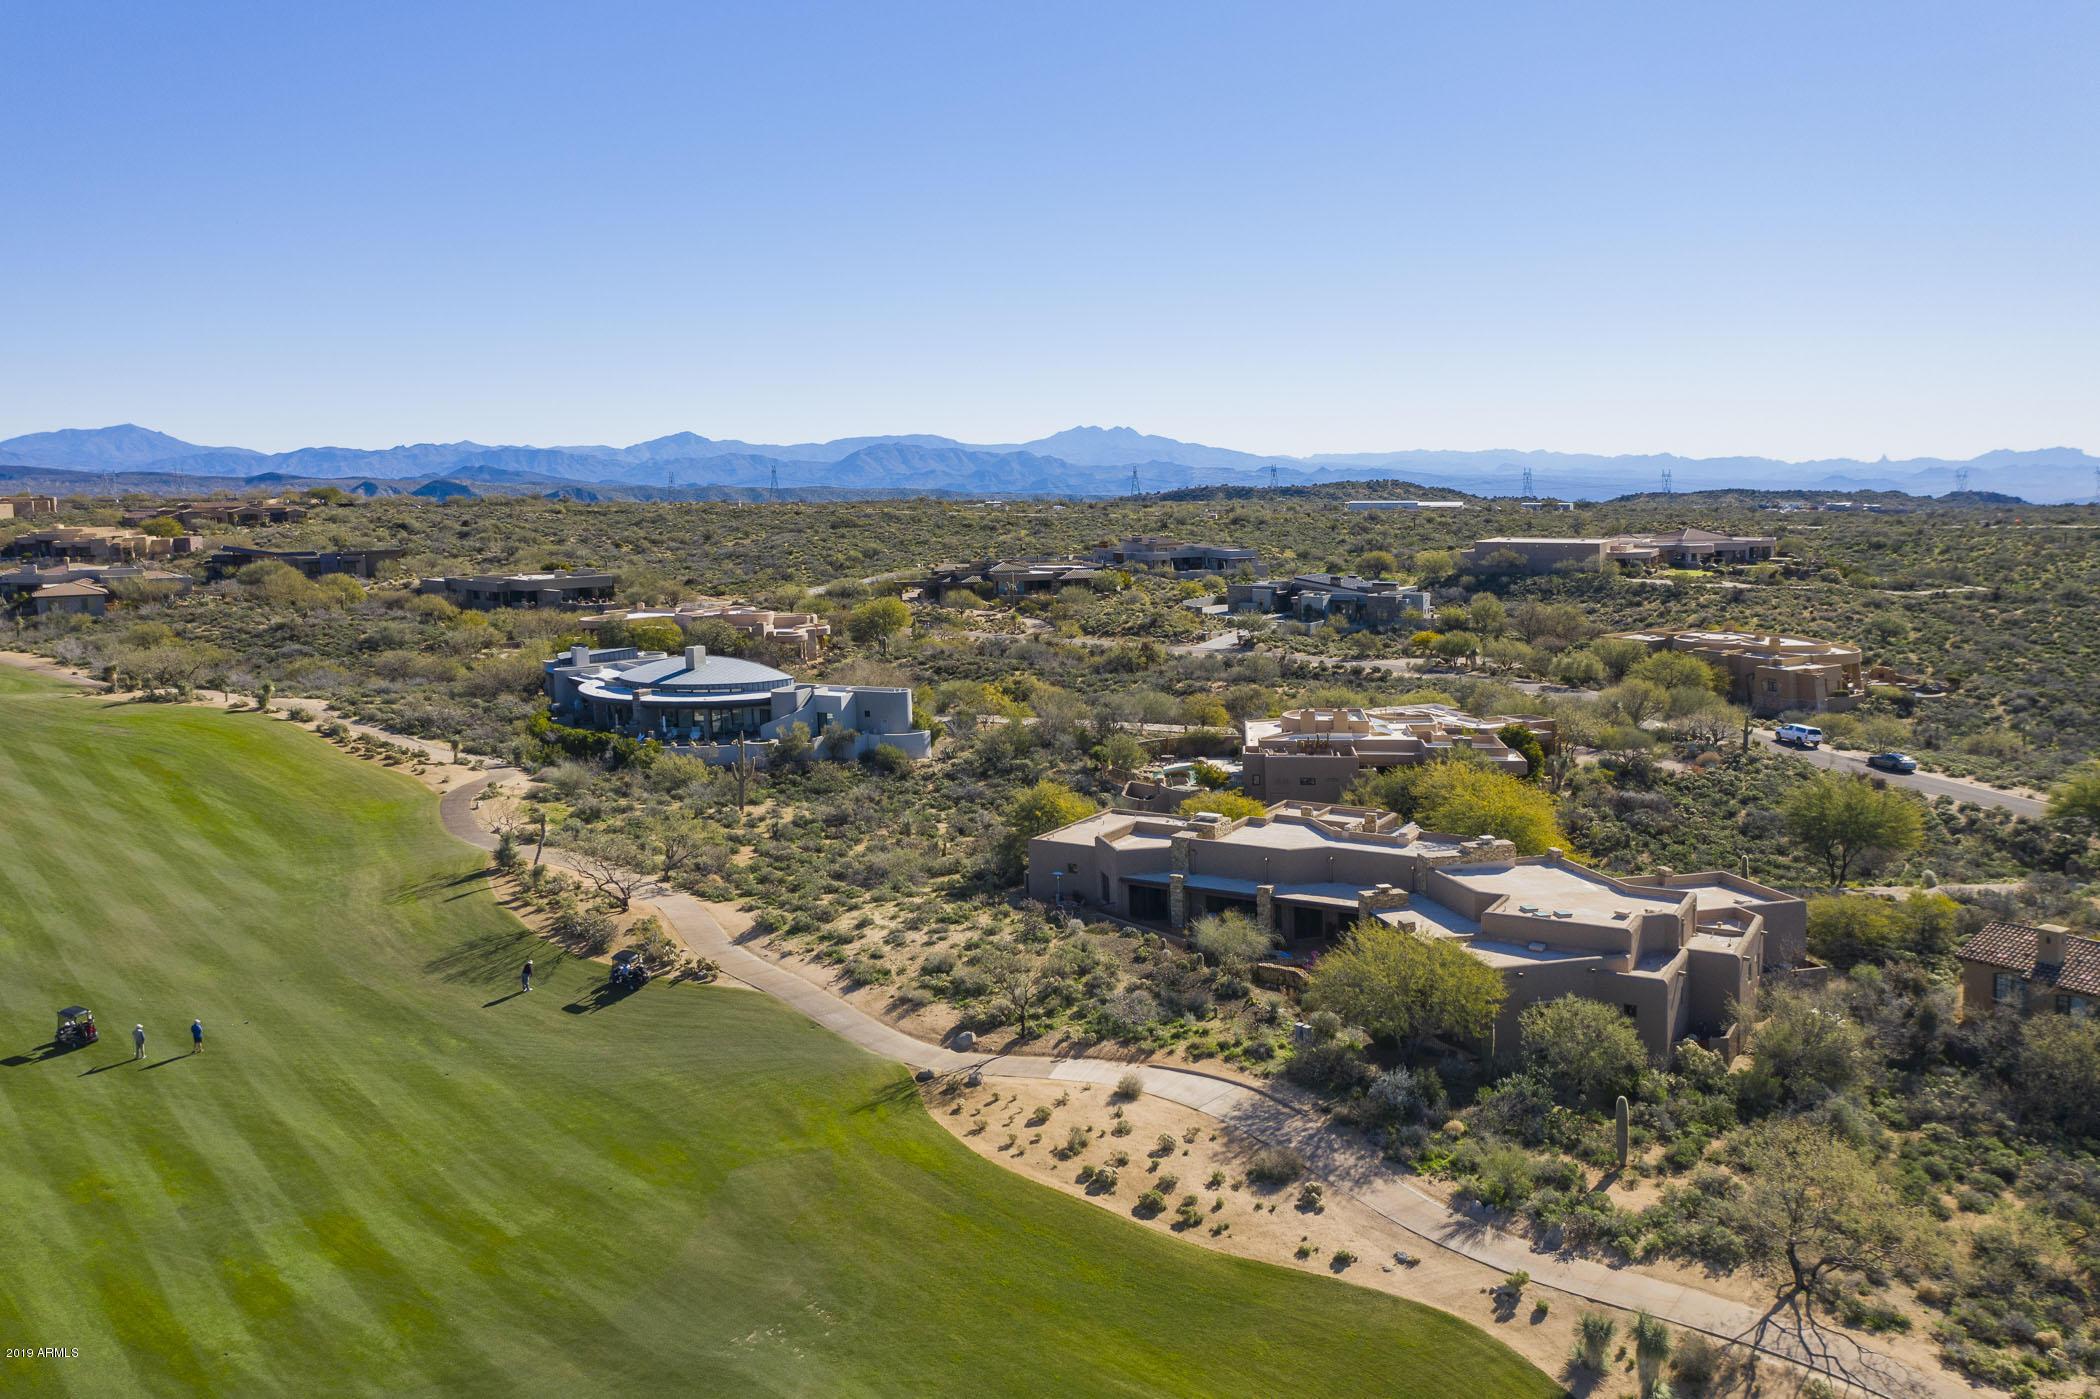 MLS 5880213 11306 E SALERO Drive, Scottsdale, AZ 85262 Scottsdale AZ Private Pool